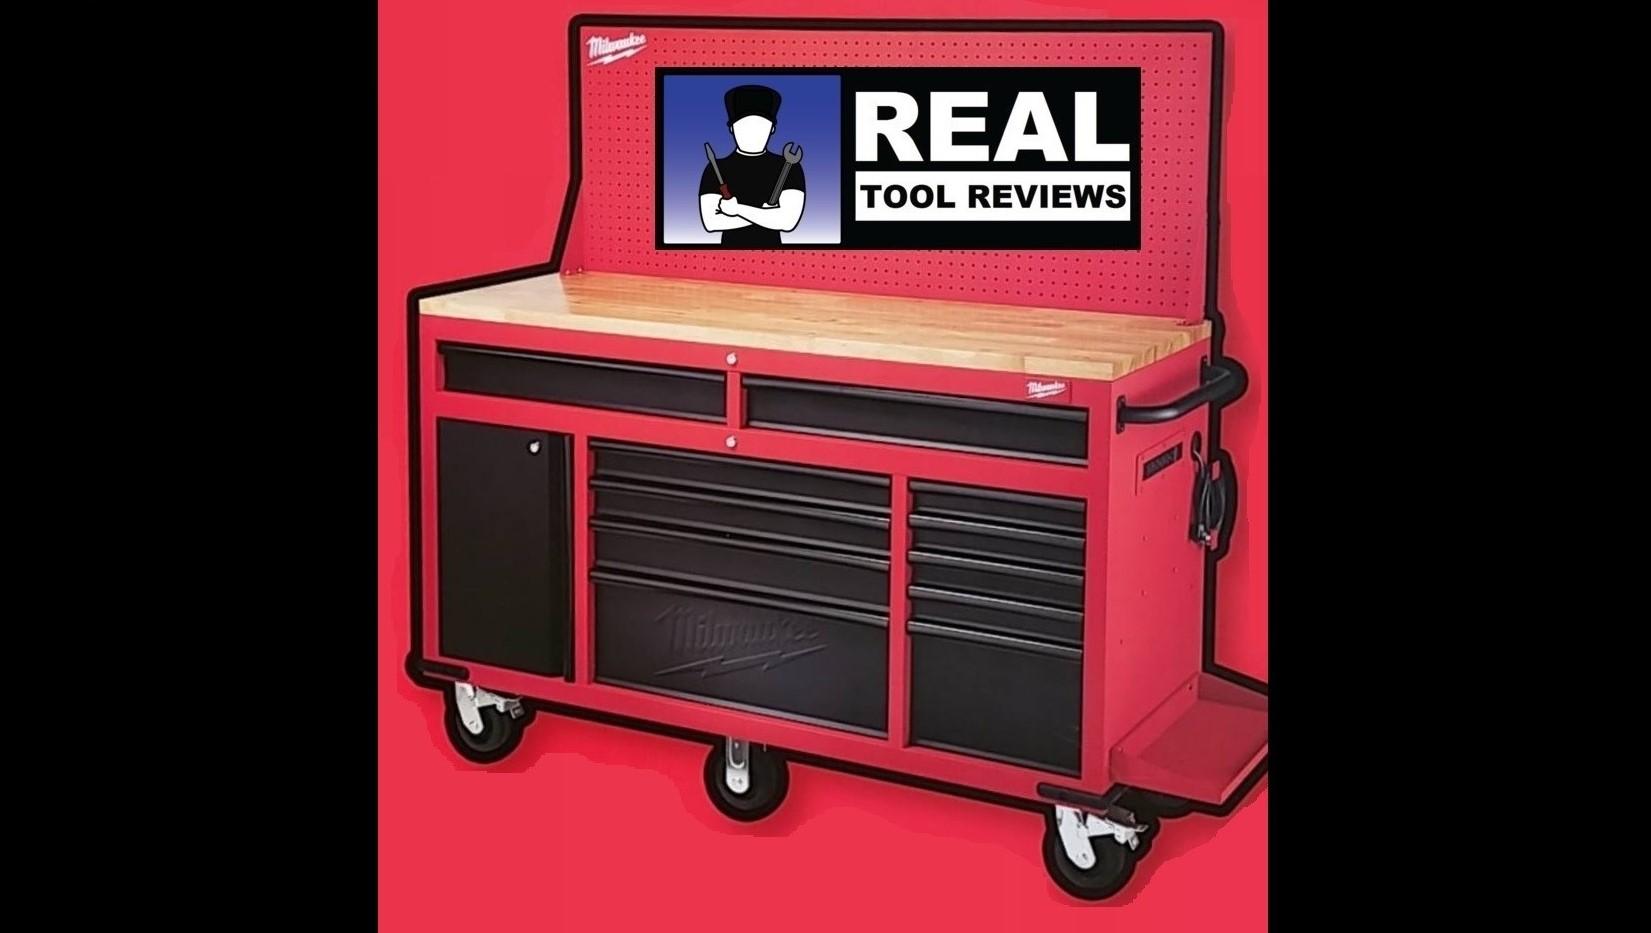 Real Tool Reviews